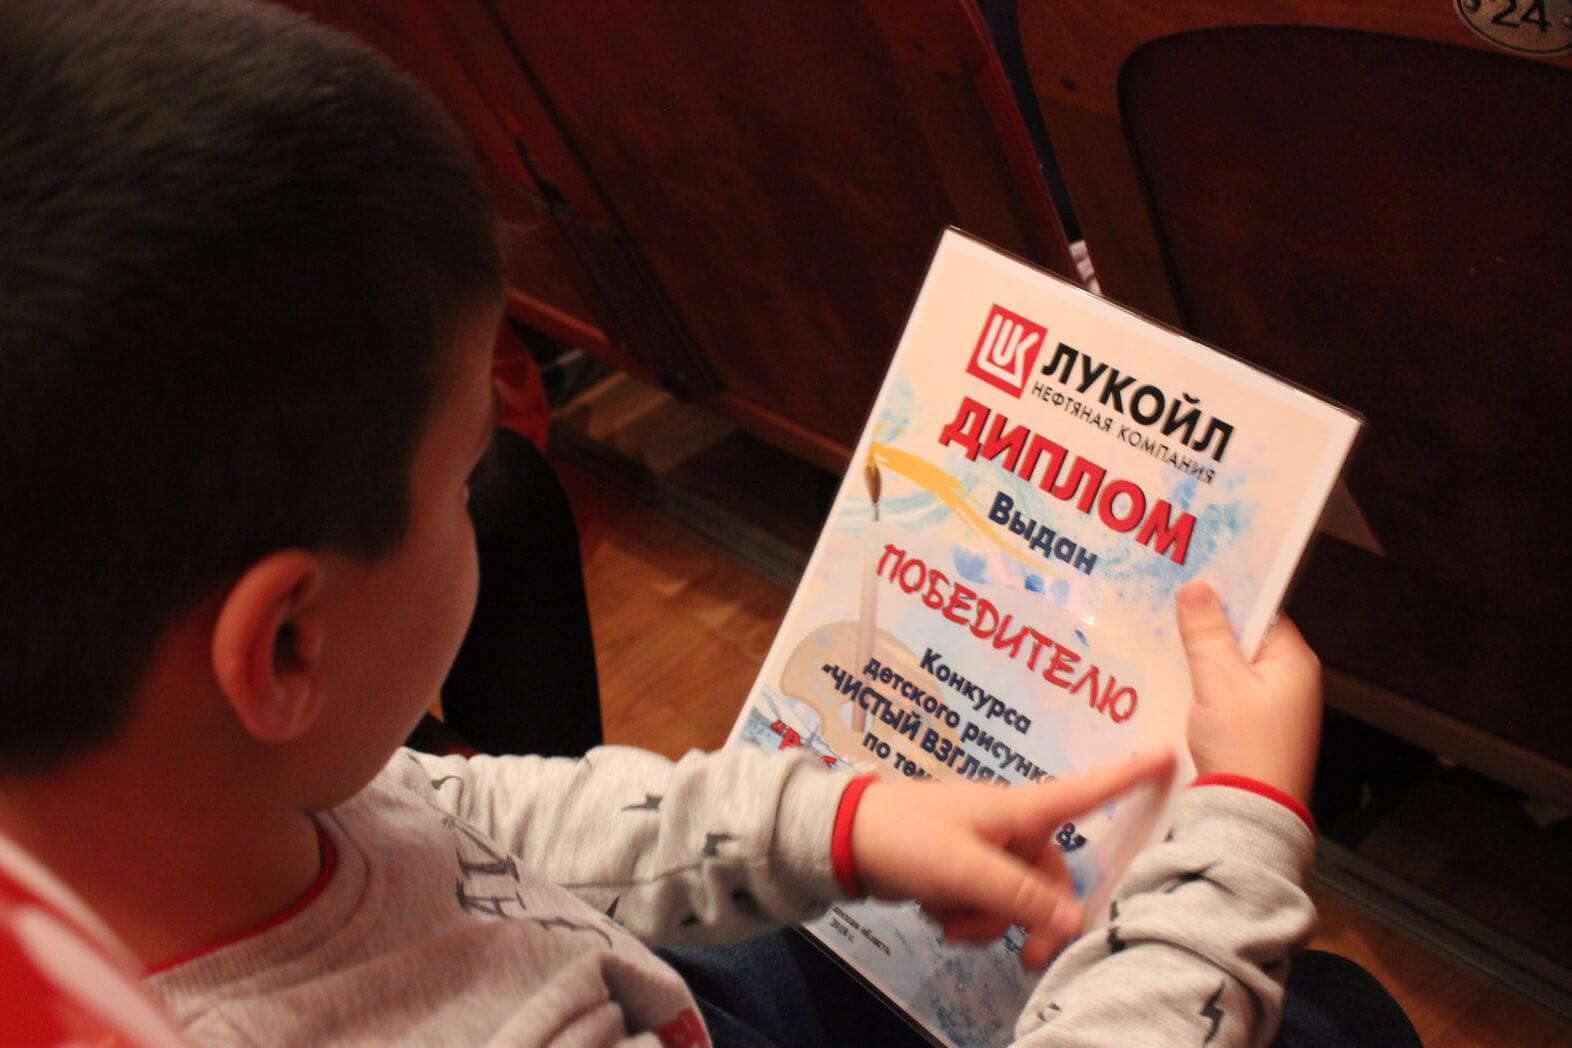 В ТЮЗе наградили победителей детского конкурса